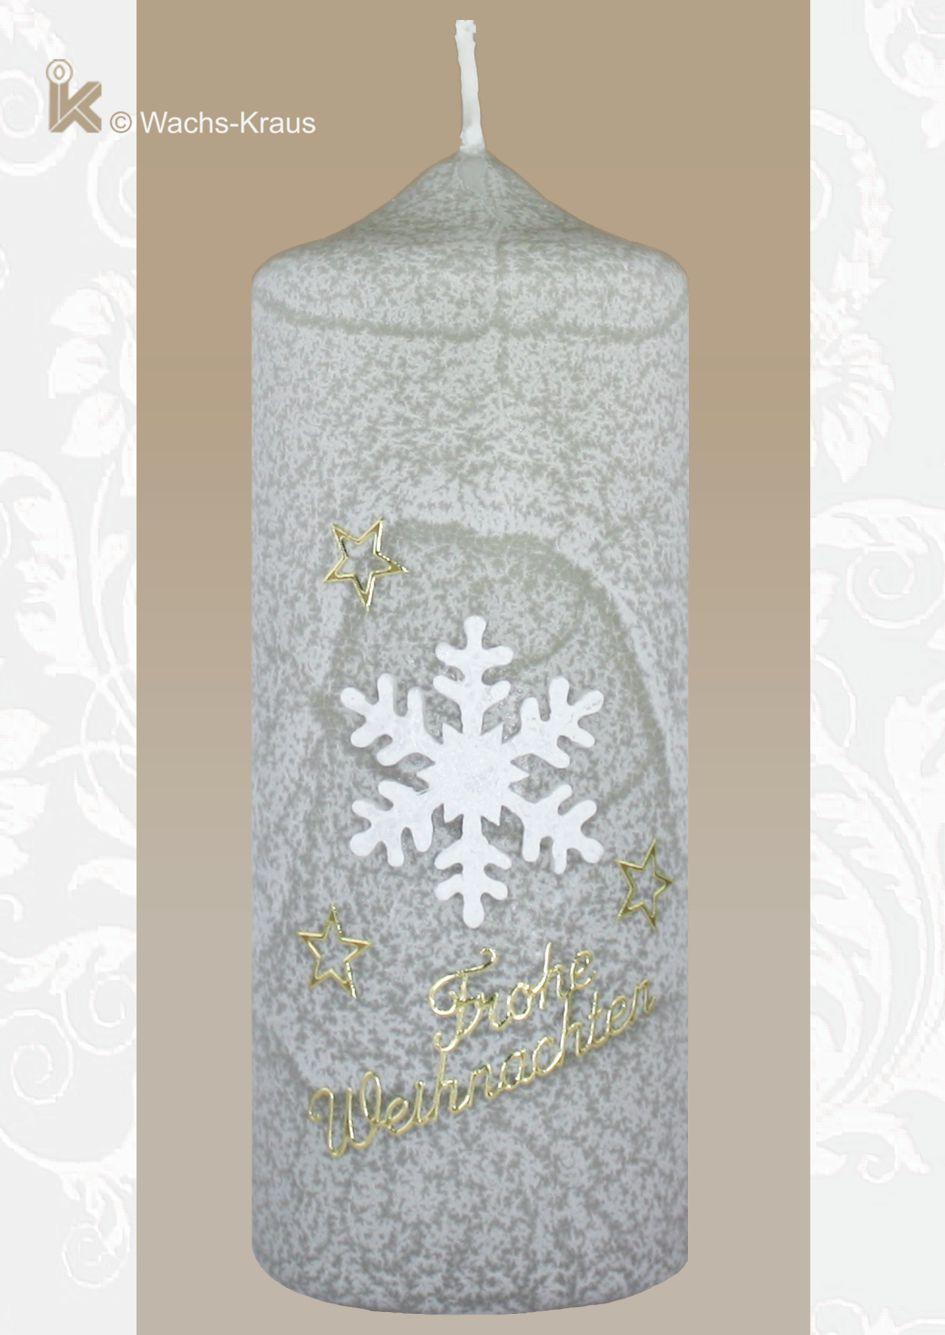 Weihnachtskerze Schneeflocke, grau....ein tolles Geschenk.